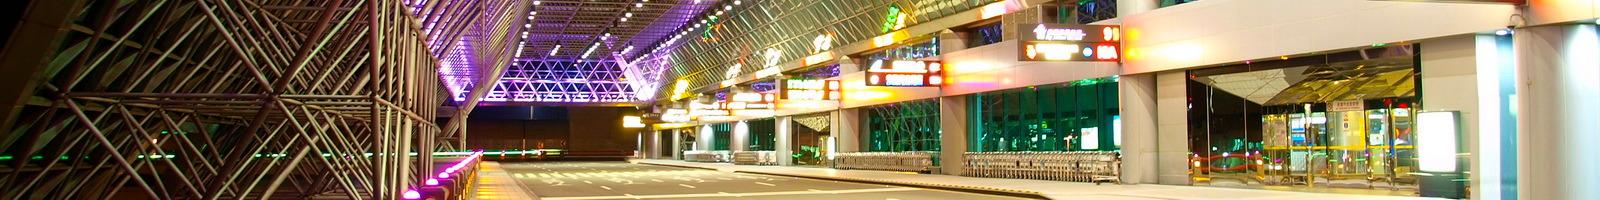 Светодиодные активные импульсные дорожные знаки, импульсная стрелка, временные дорожные знаки, знаки с внутренней подсветкой